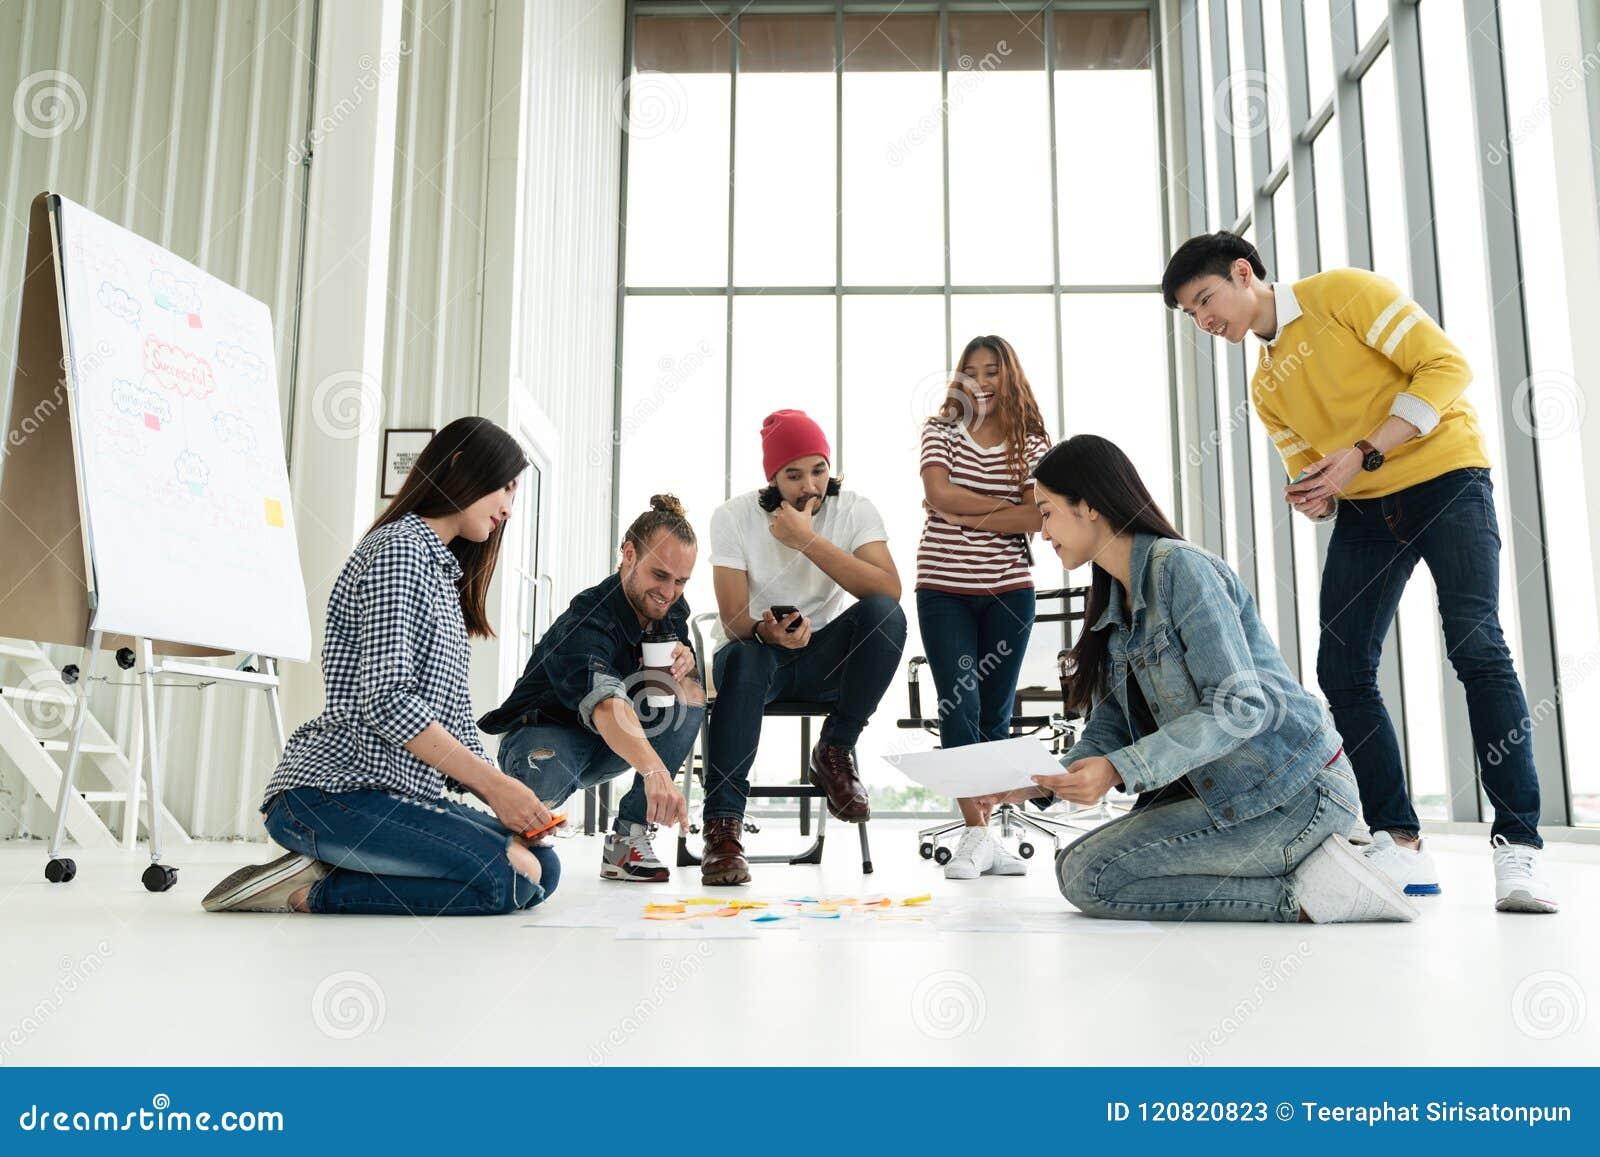 年轻创造性的不同的小组会议和看项目计划在地板上计划谈论或群策群力与pos的经营战略